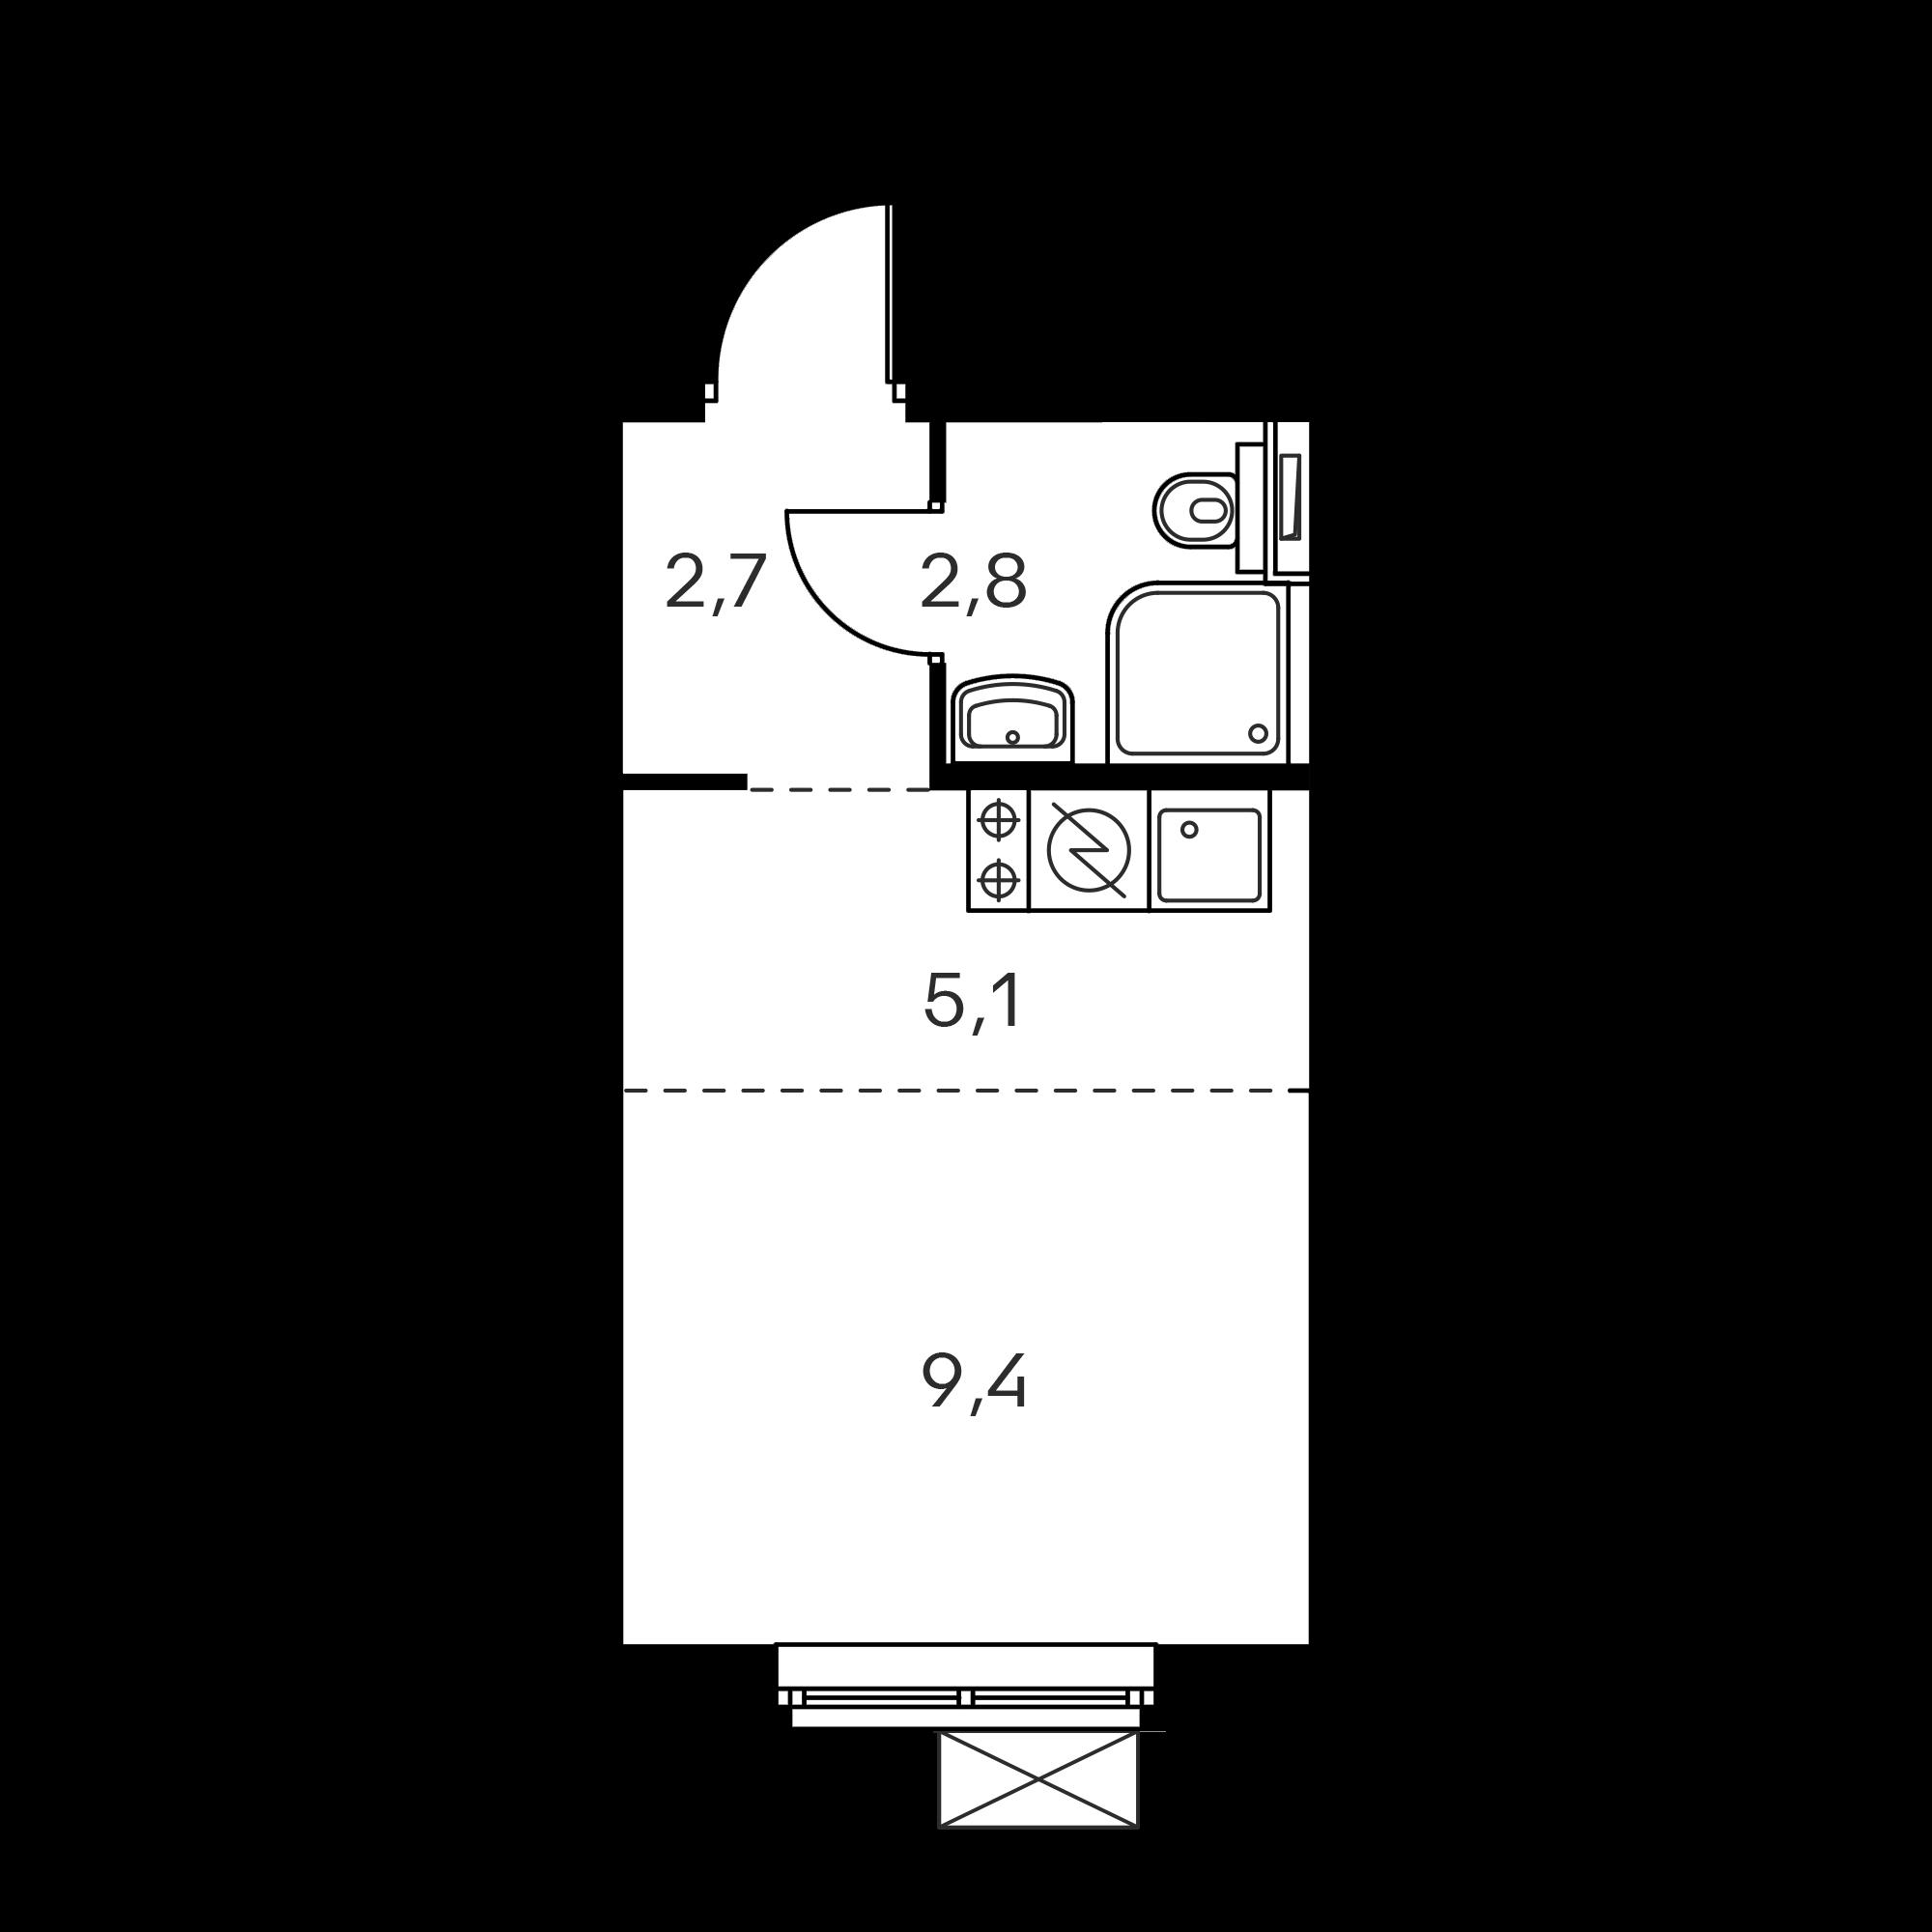 1NS1_3.6-1_S_A-8